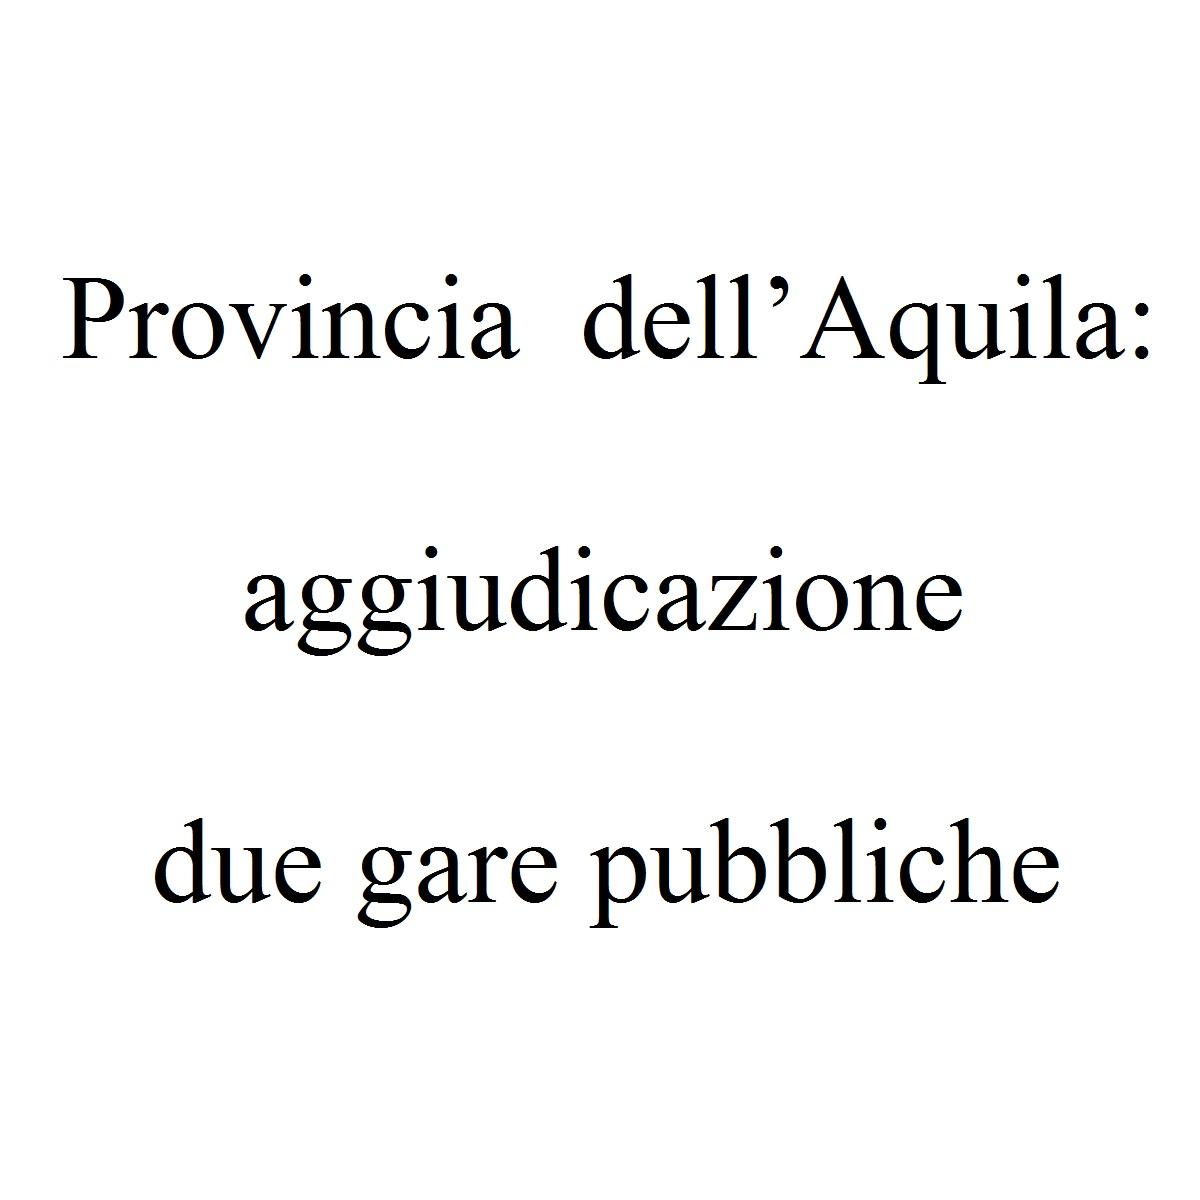 Provincia dell'Aquila aggiudicazione due gare pubbliche foto